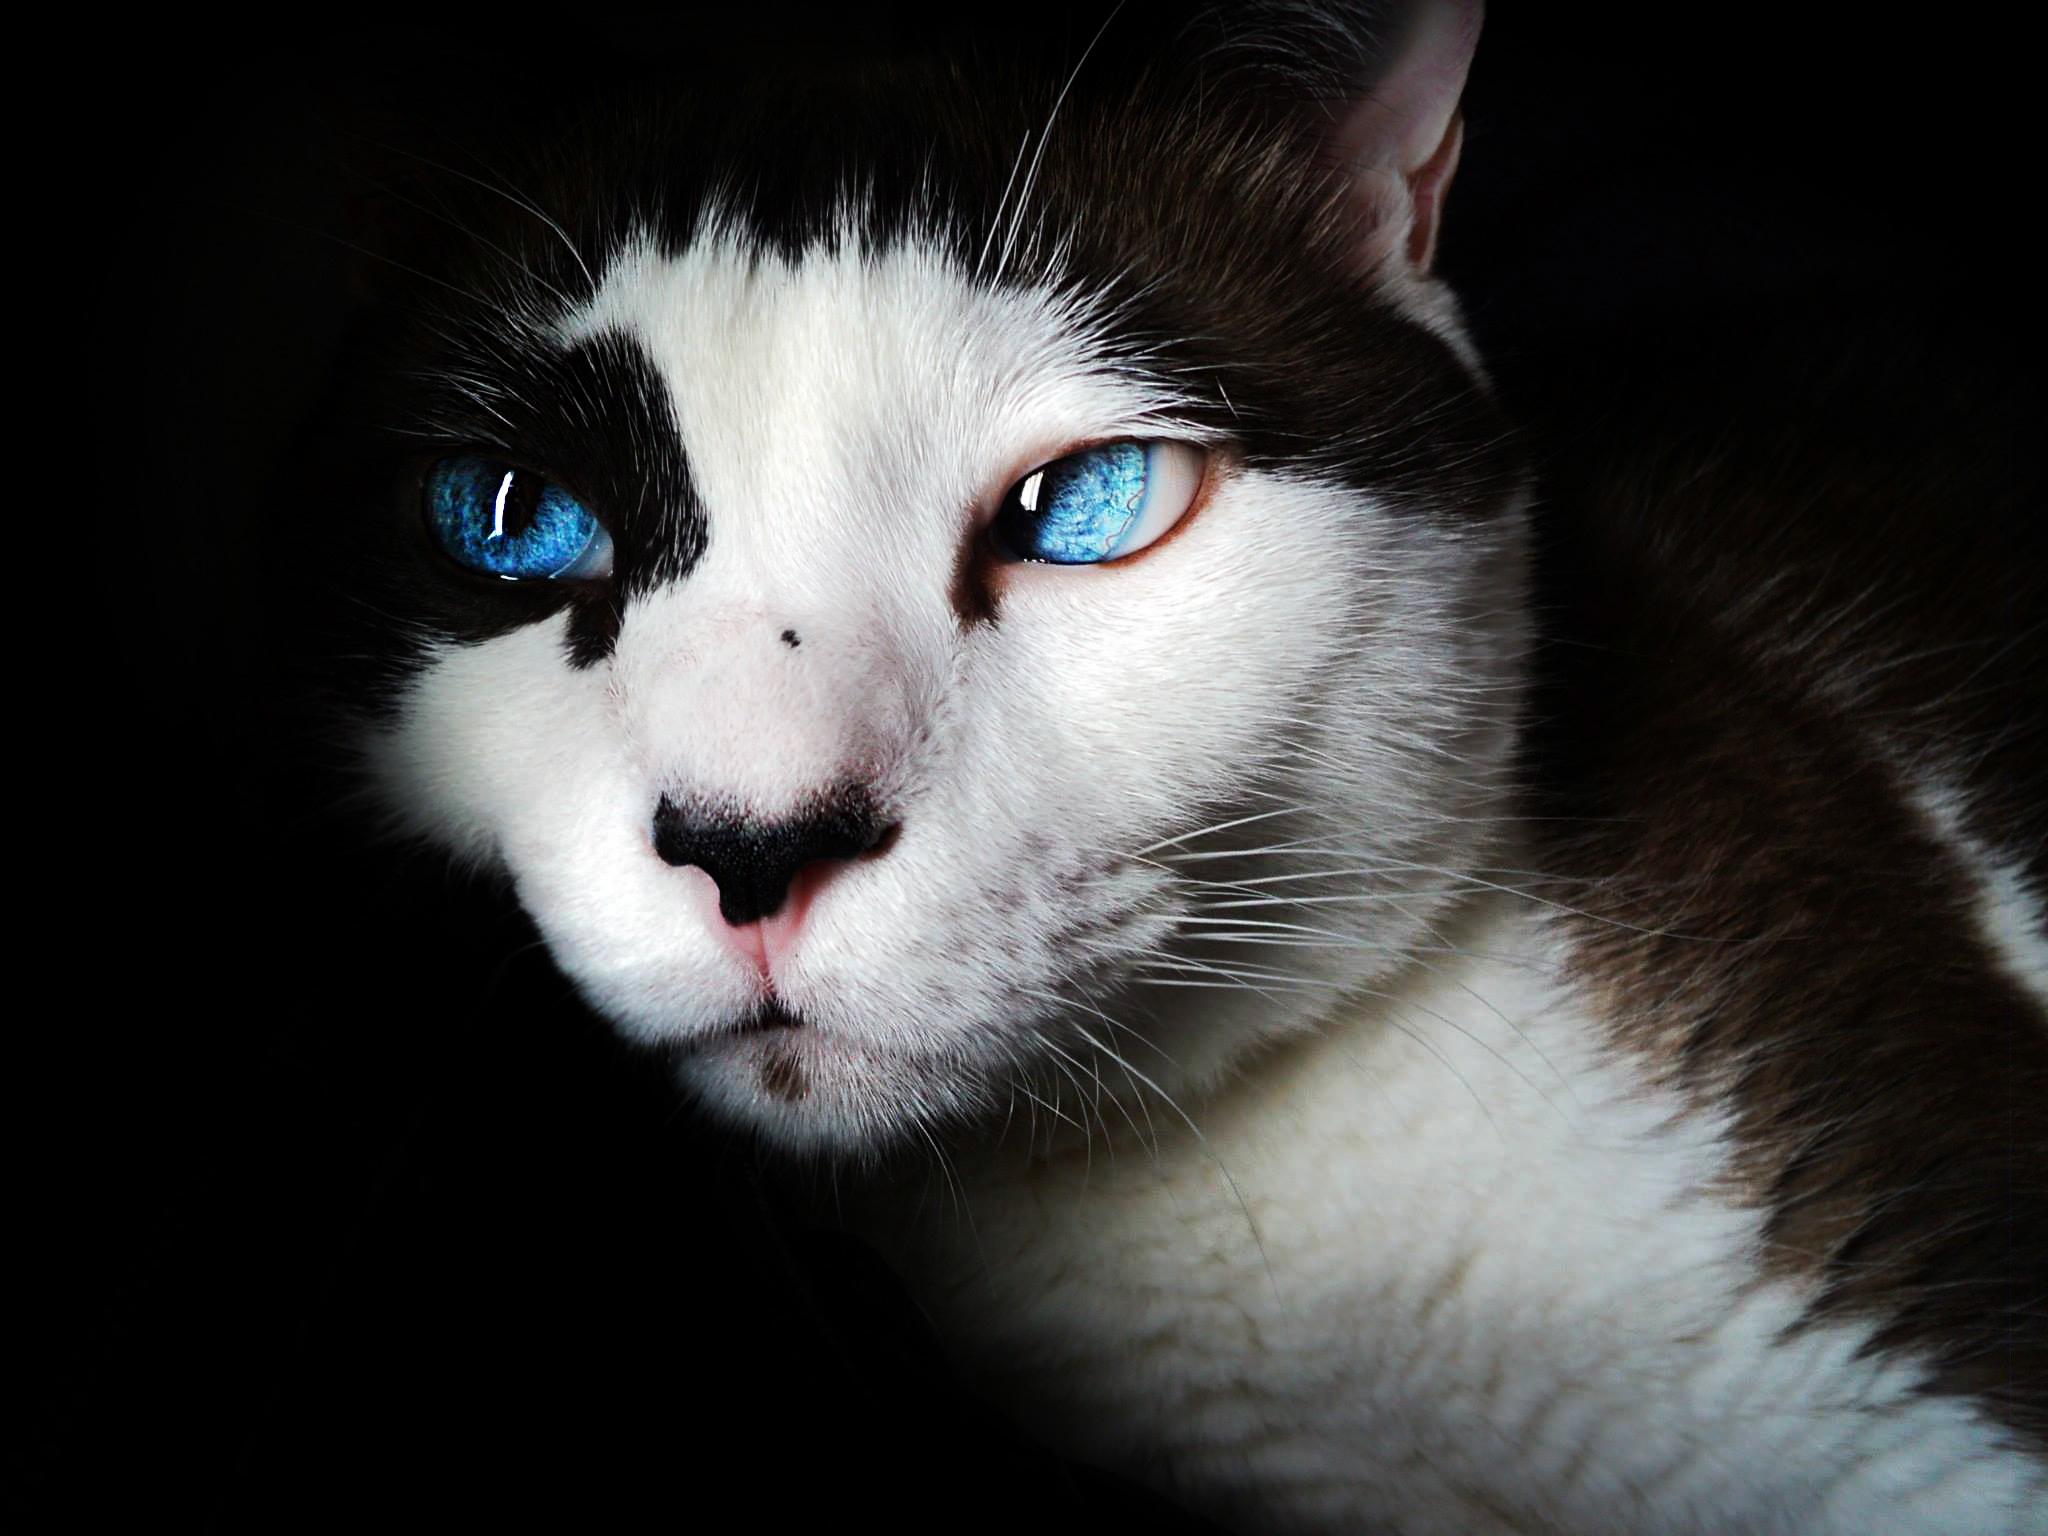 Fotos gratis : blanco, linda, mascota, gatito, felino, negro, de ...